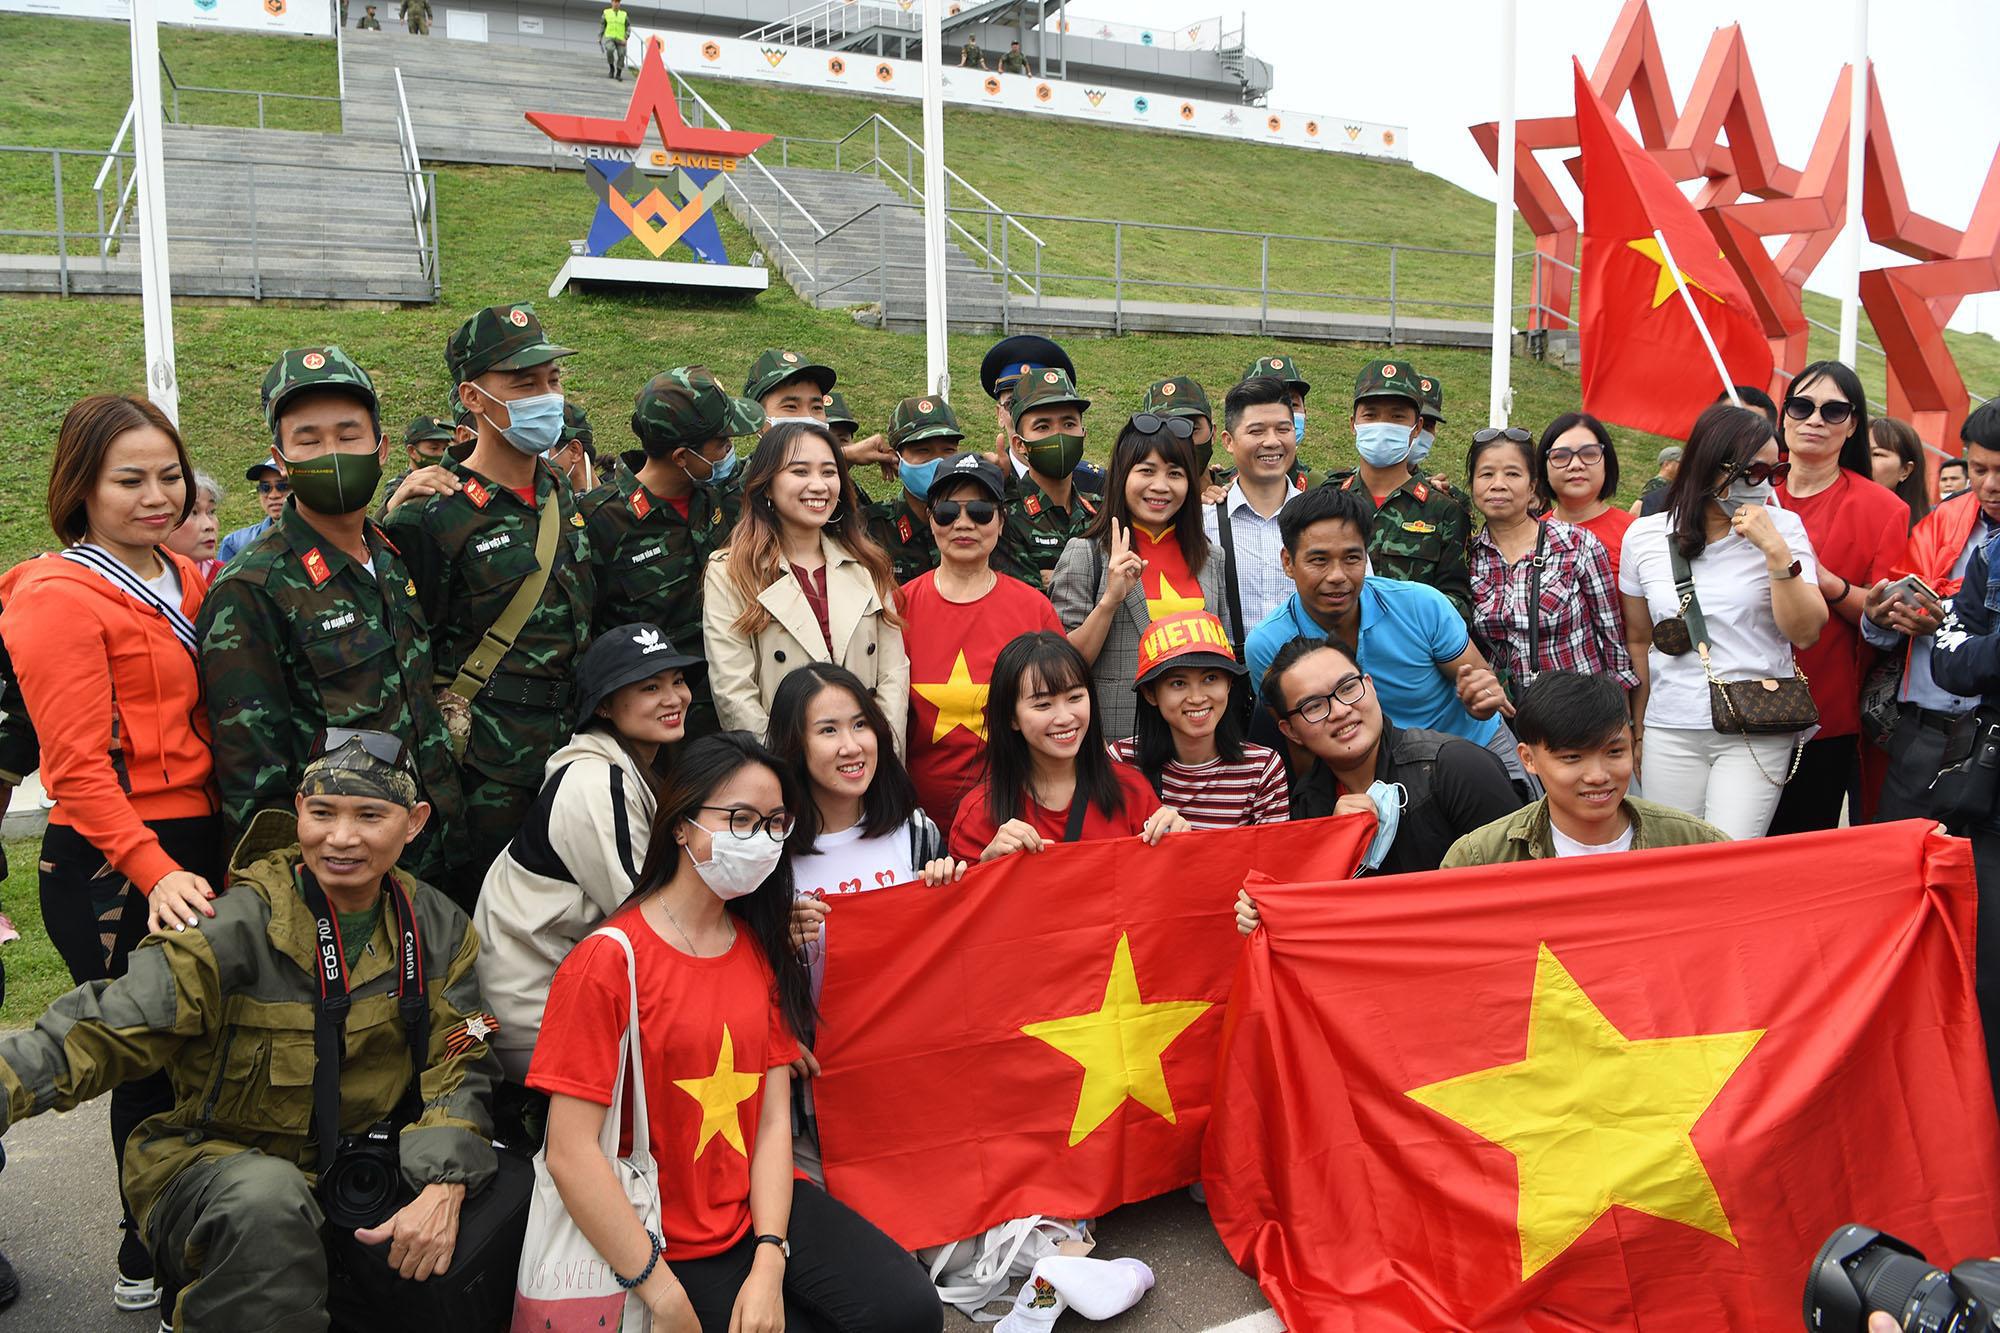 Nhìn lại 14 ngày tranh tài của QDND Việt Nam tại kỳ Army Games 2020 - Ảnh 19.